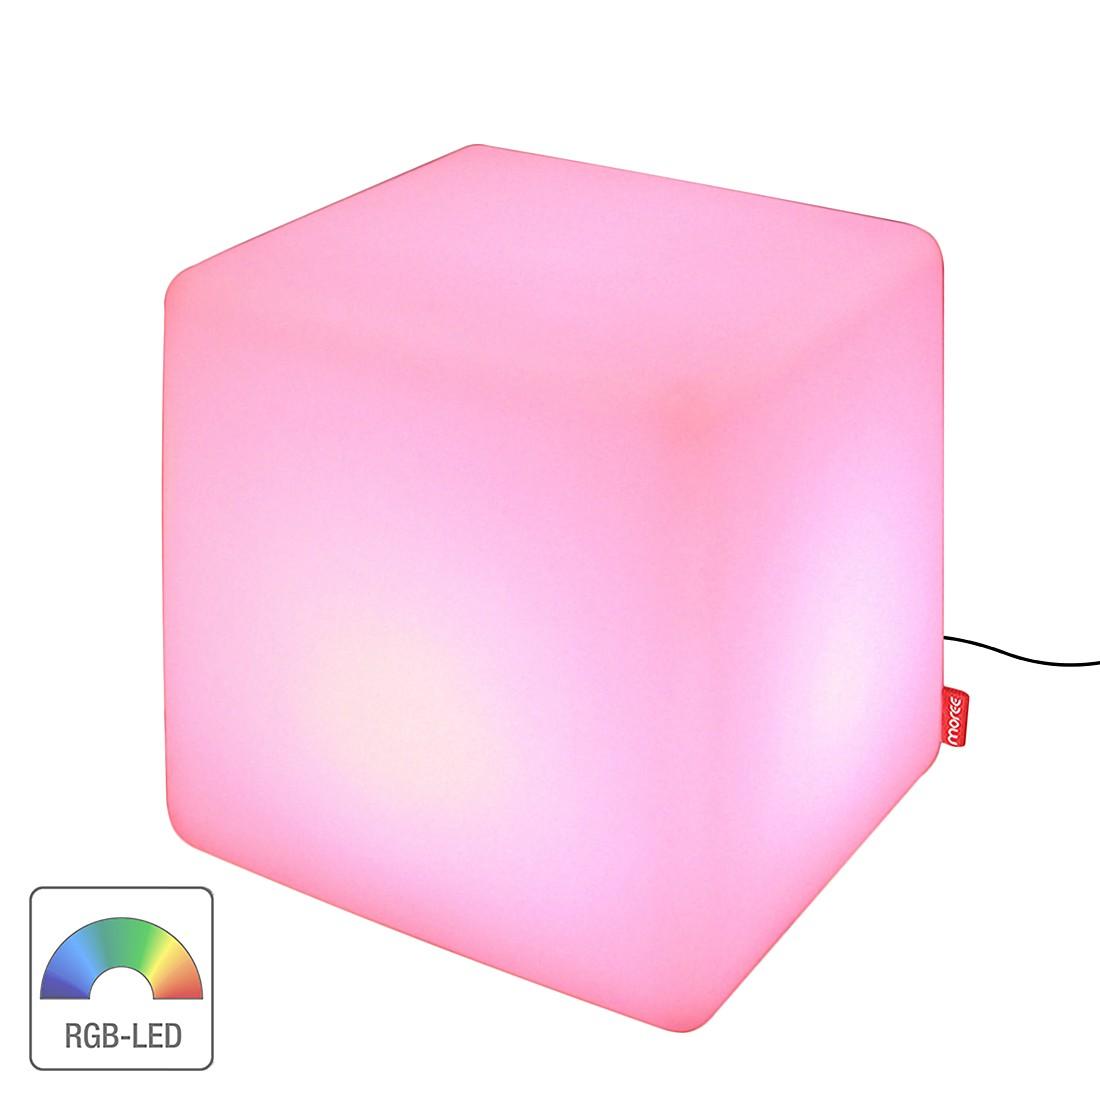 Cube beistelltische g nstig kaufen for Beistelltisch cube